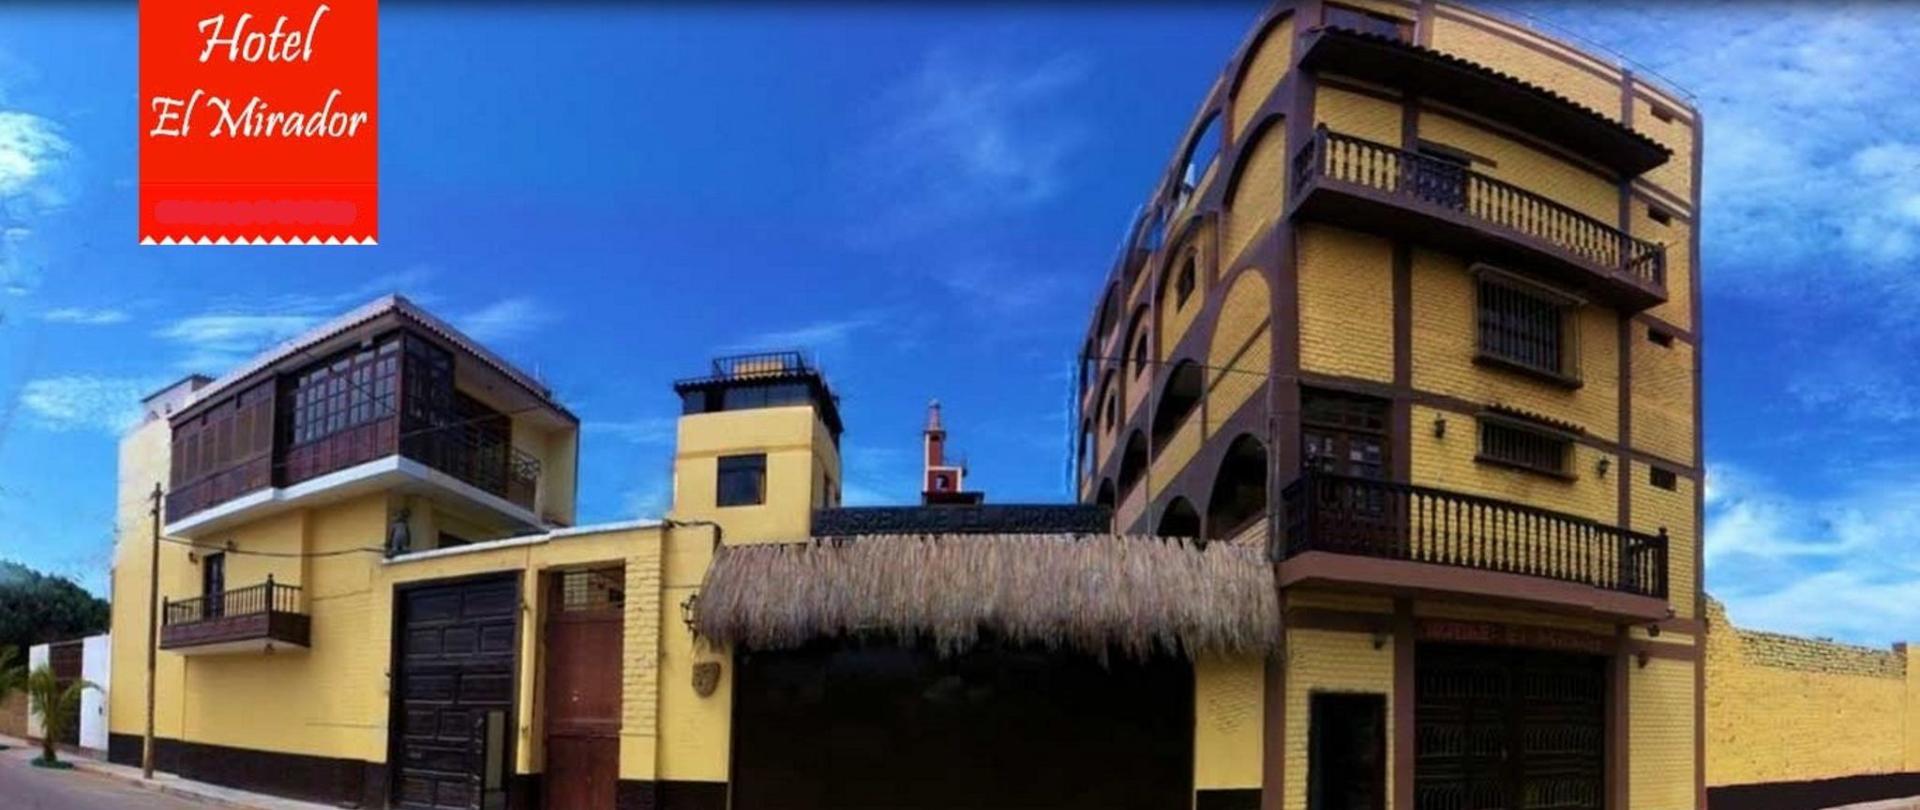 Hotel el mirador, Hotel el Mirador Pacasmayo, Hostal en pacasmayo, Posada en Pacasmayo, Hostales en Pacasmayo, Hospedaje en Pacasmayo, surf, kitesurf, windsurf, Masajes Relajantes Hotel el Mirador, Restaurant Pastimar7.jpg